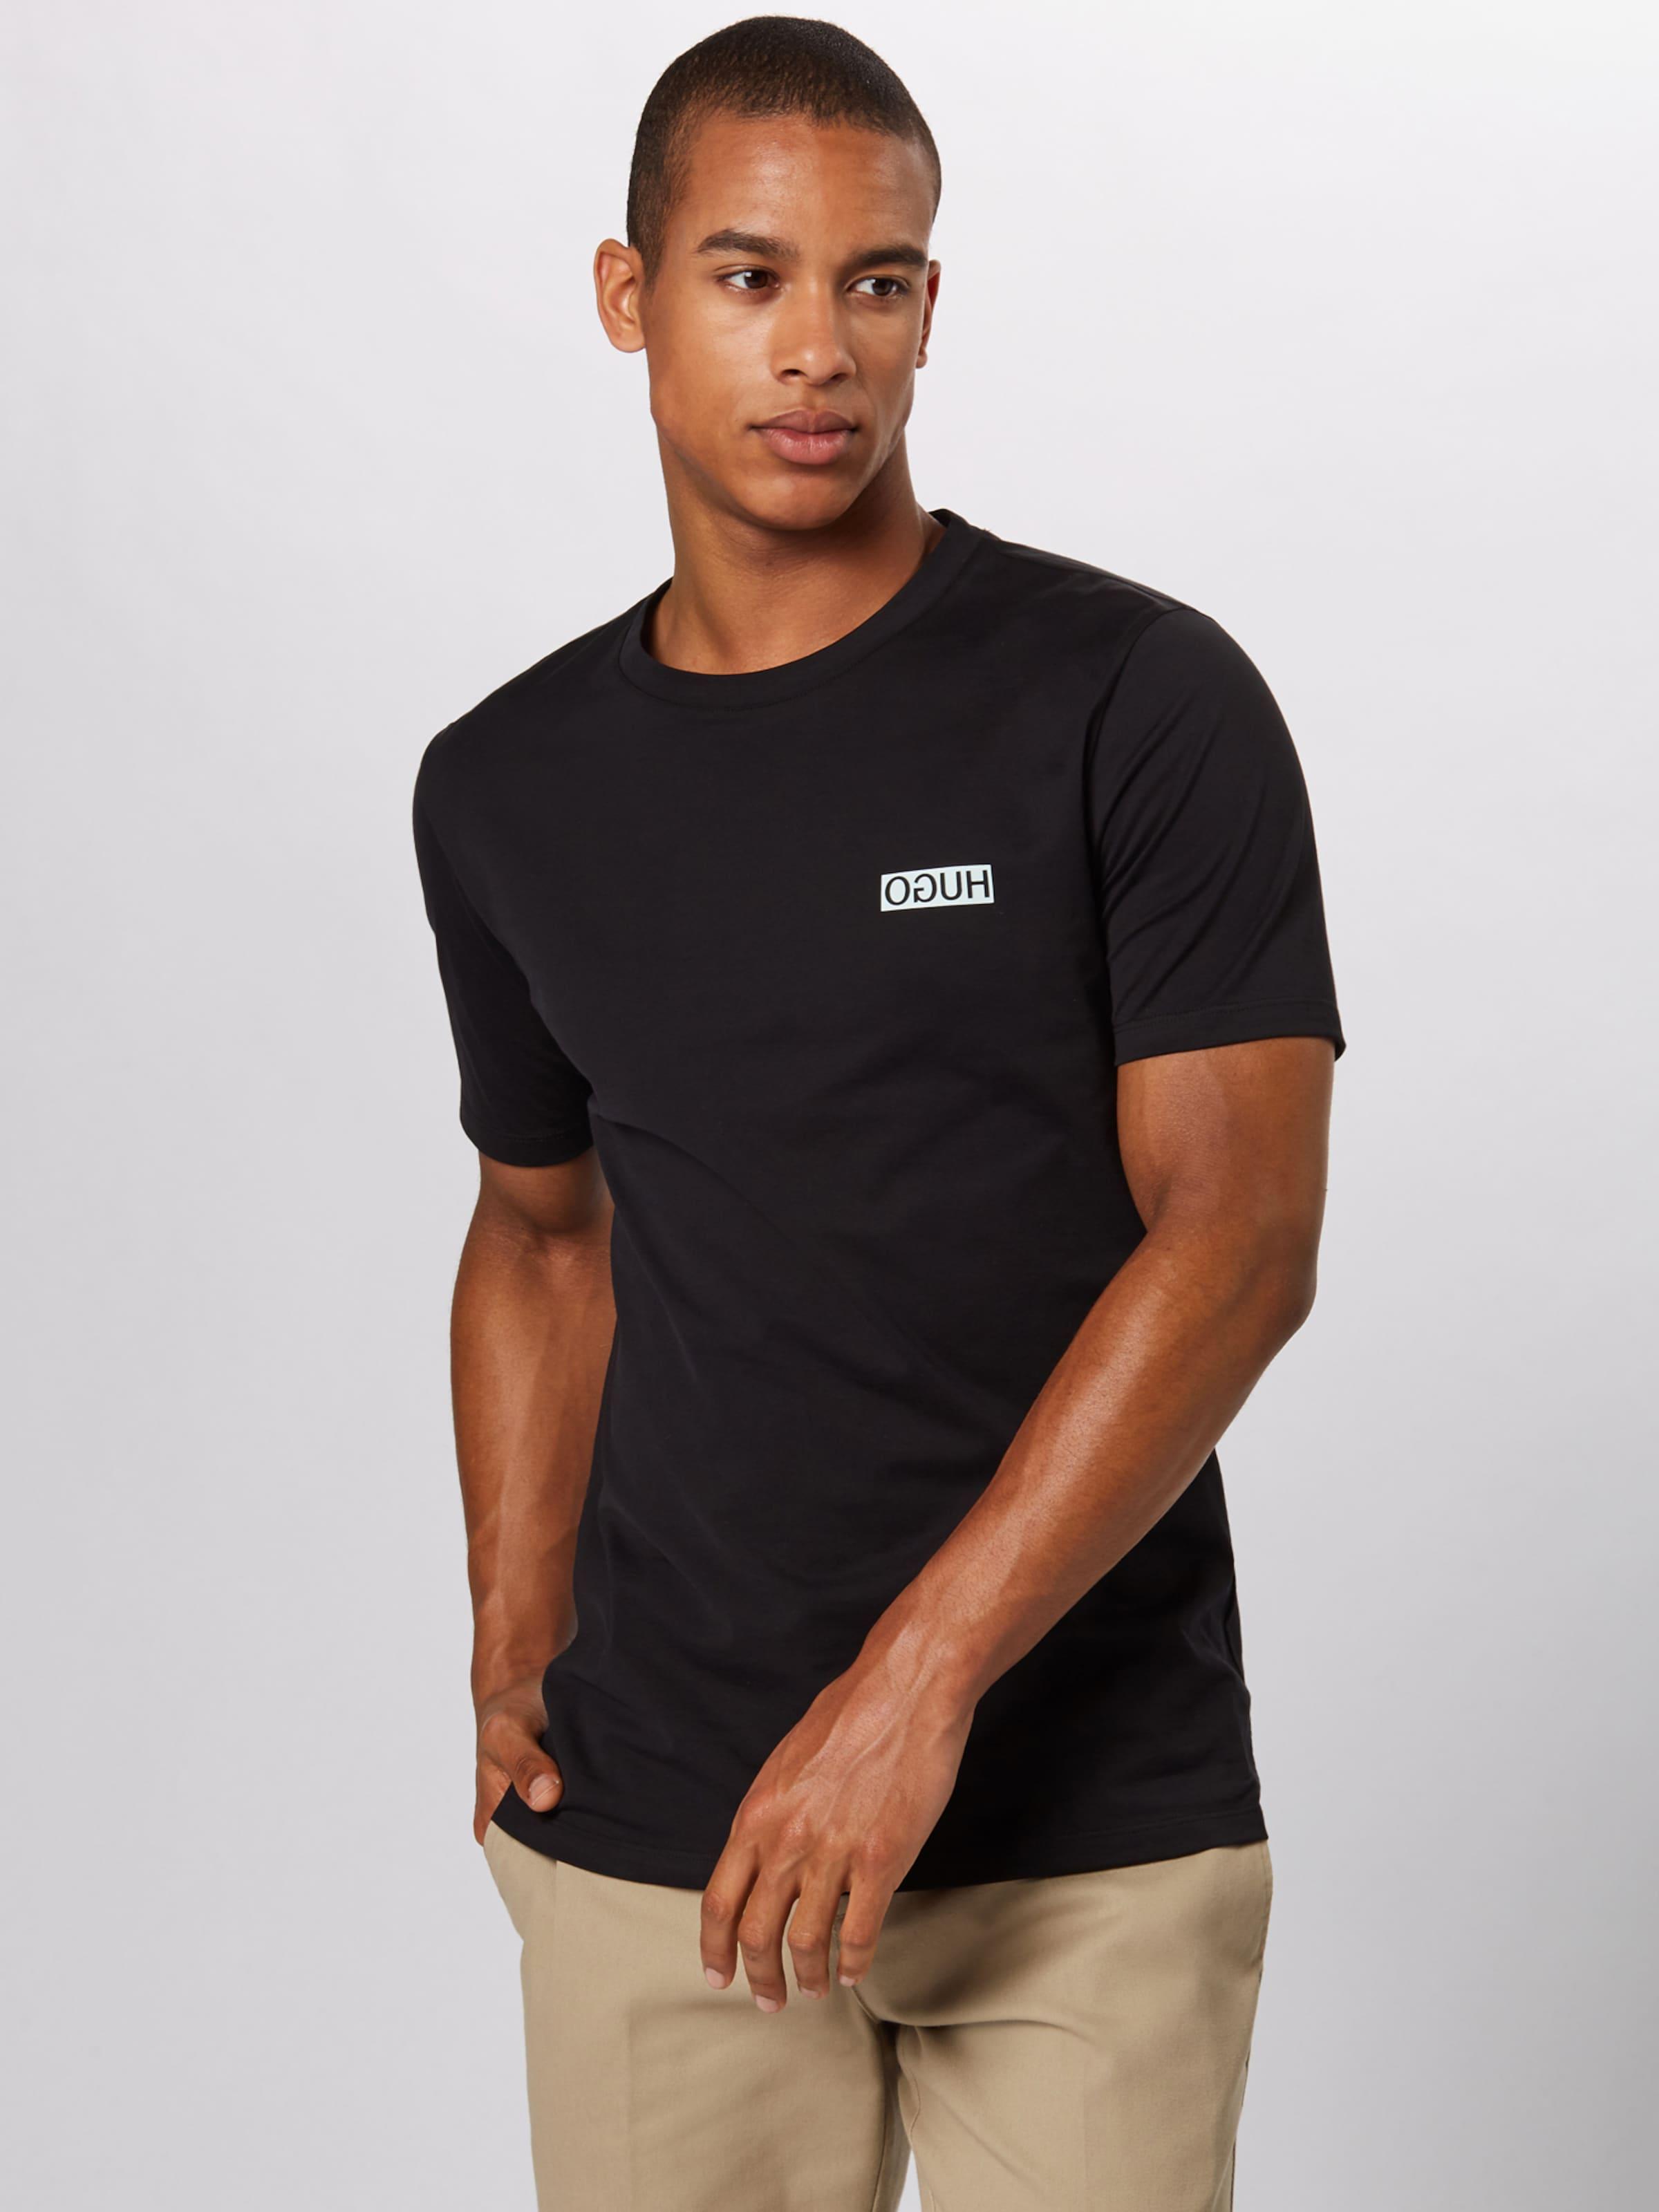 T 'durn193 shirt da 01' Noir Hugo 10201206 En XPTOkZiu